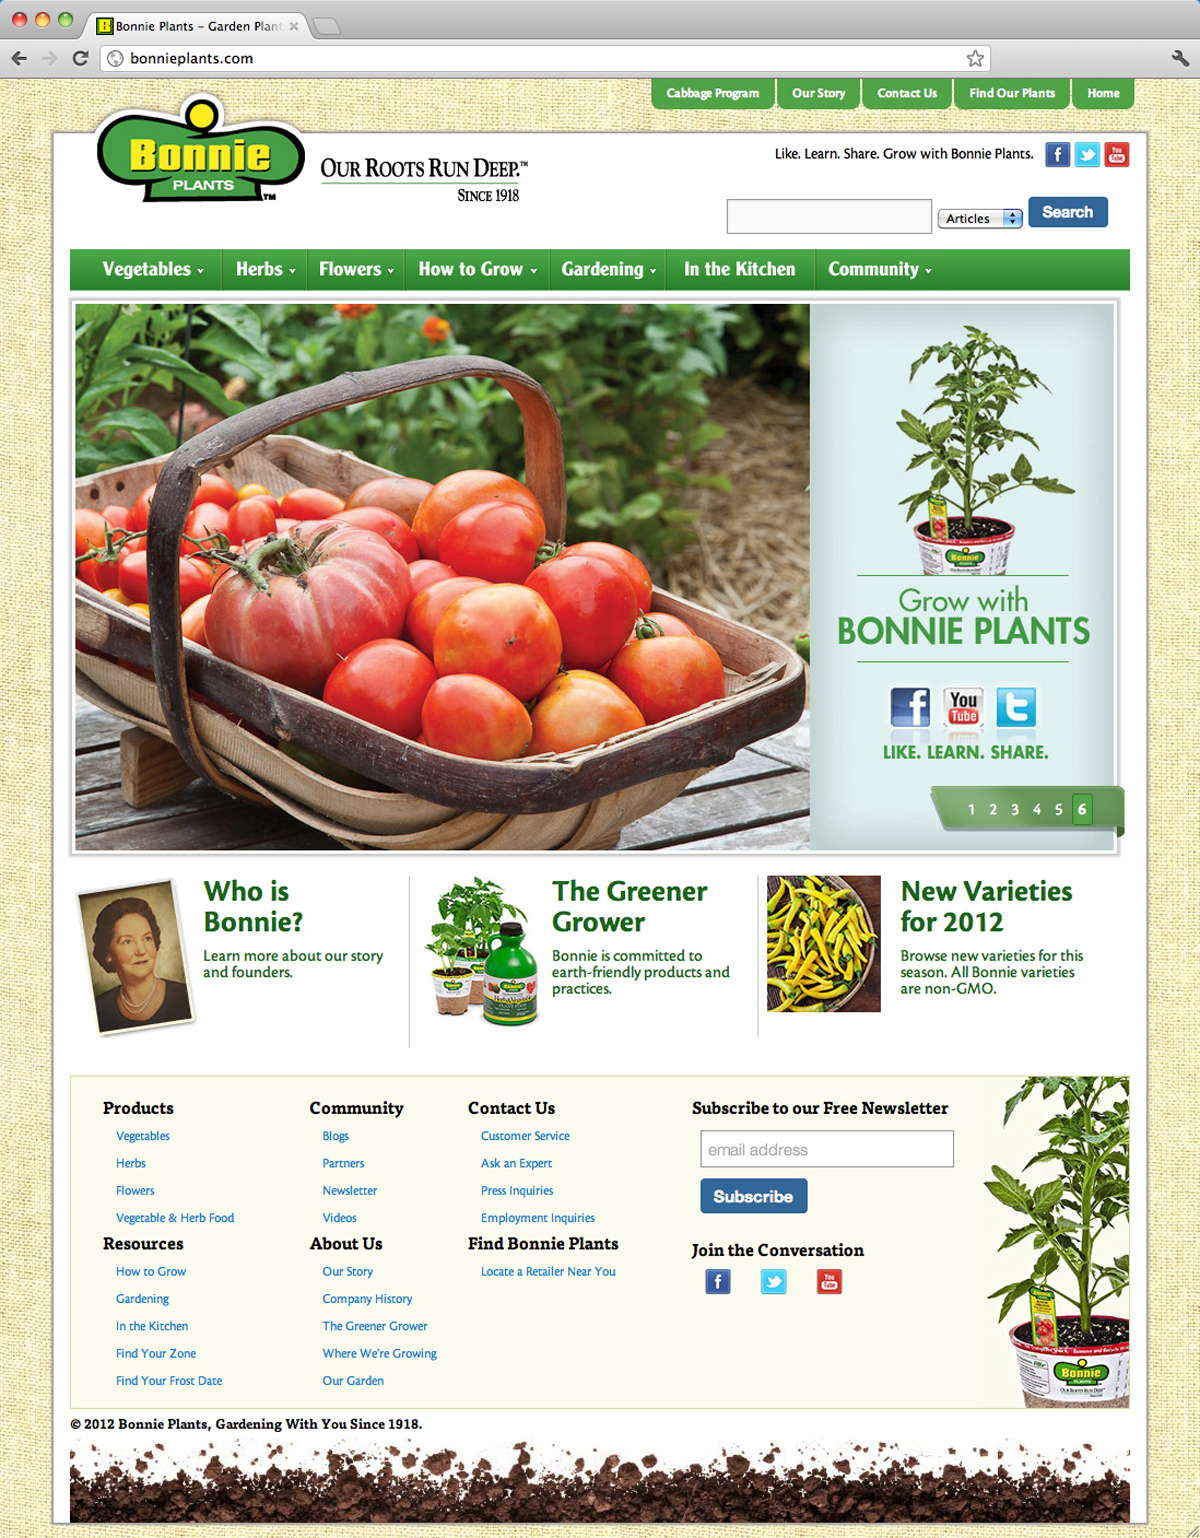 Bonnie Plants Launches New Website